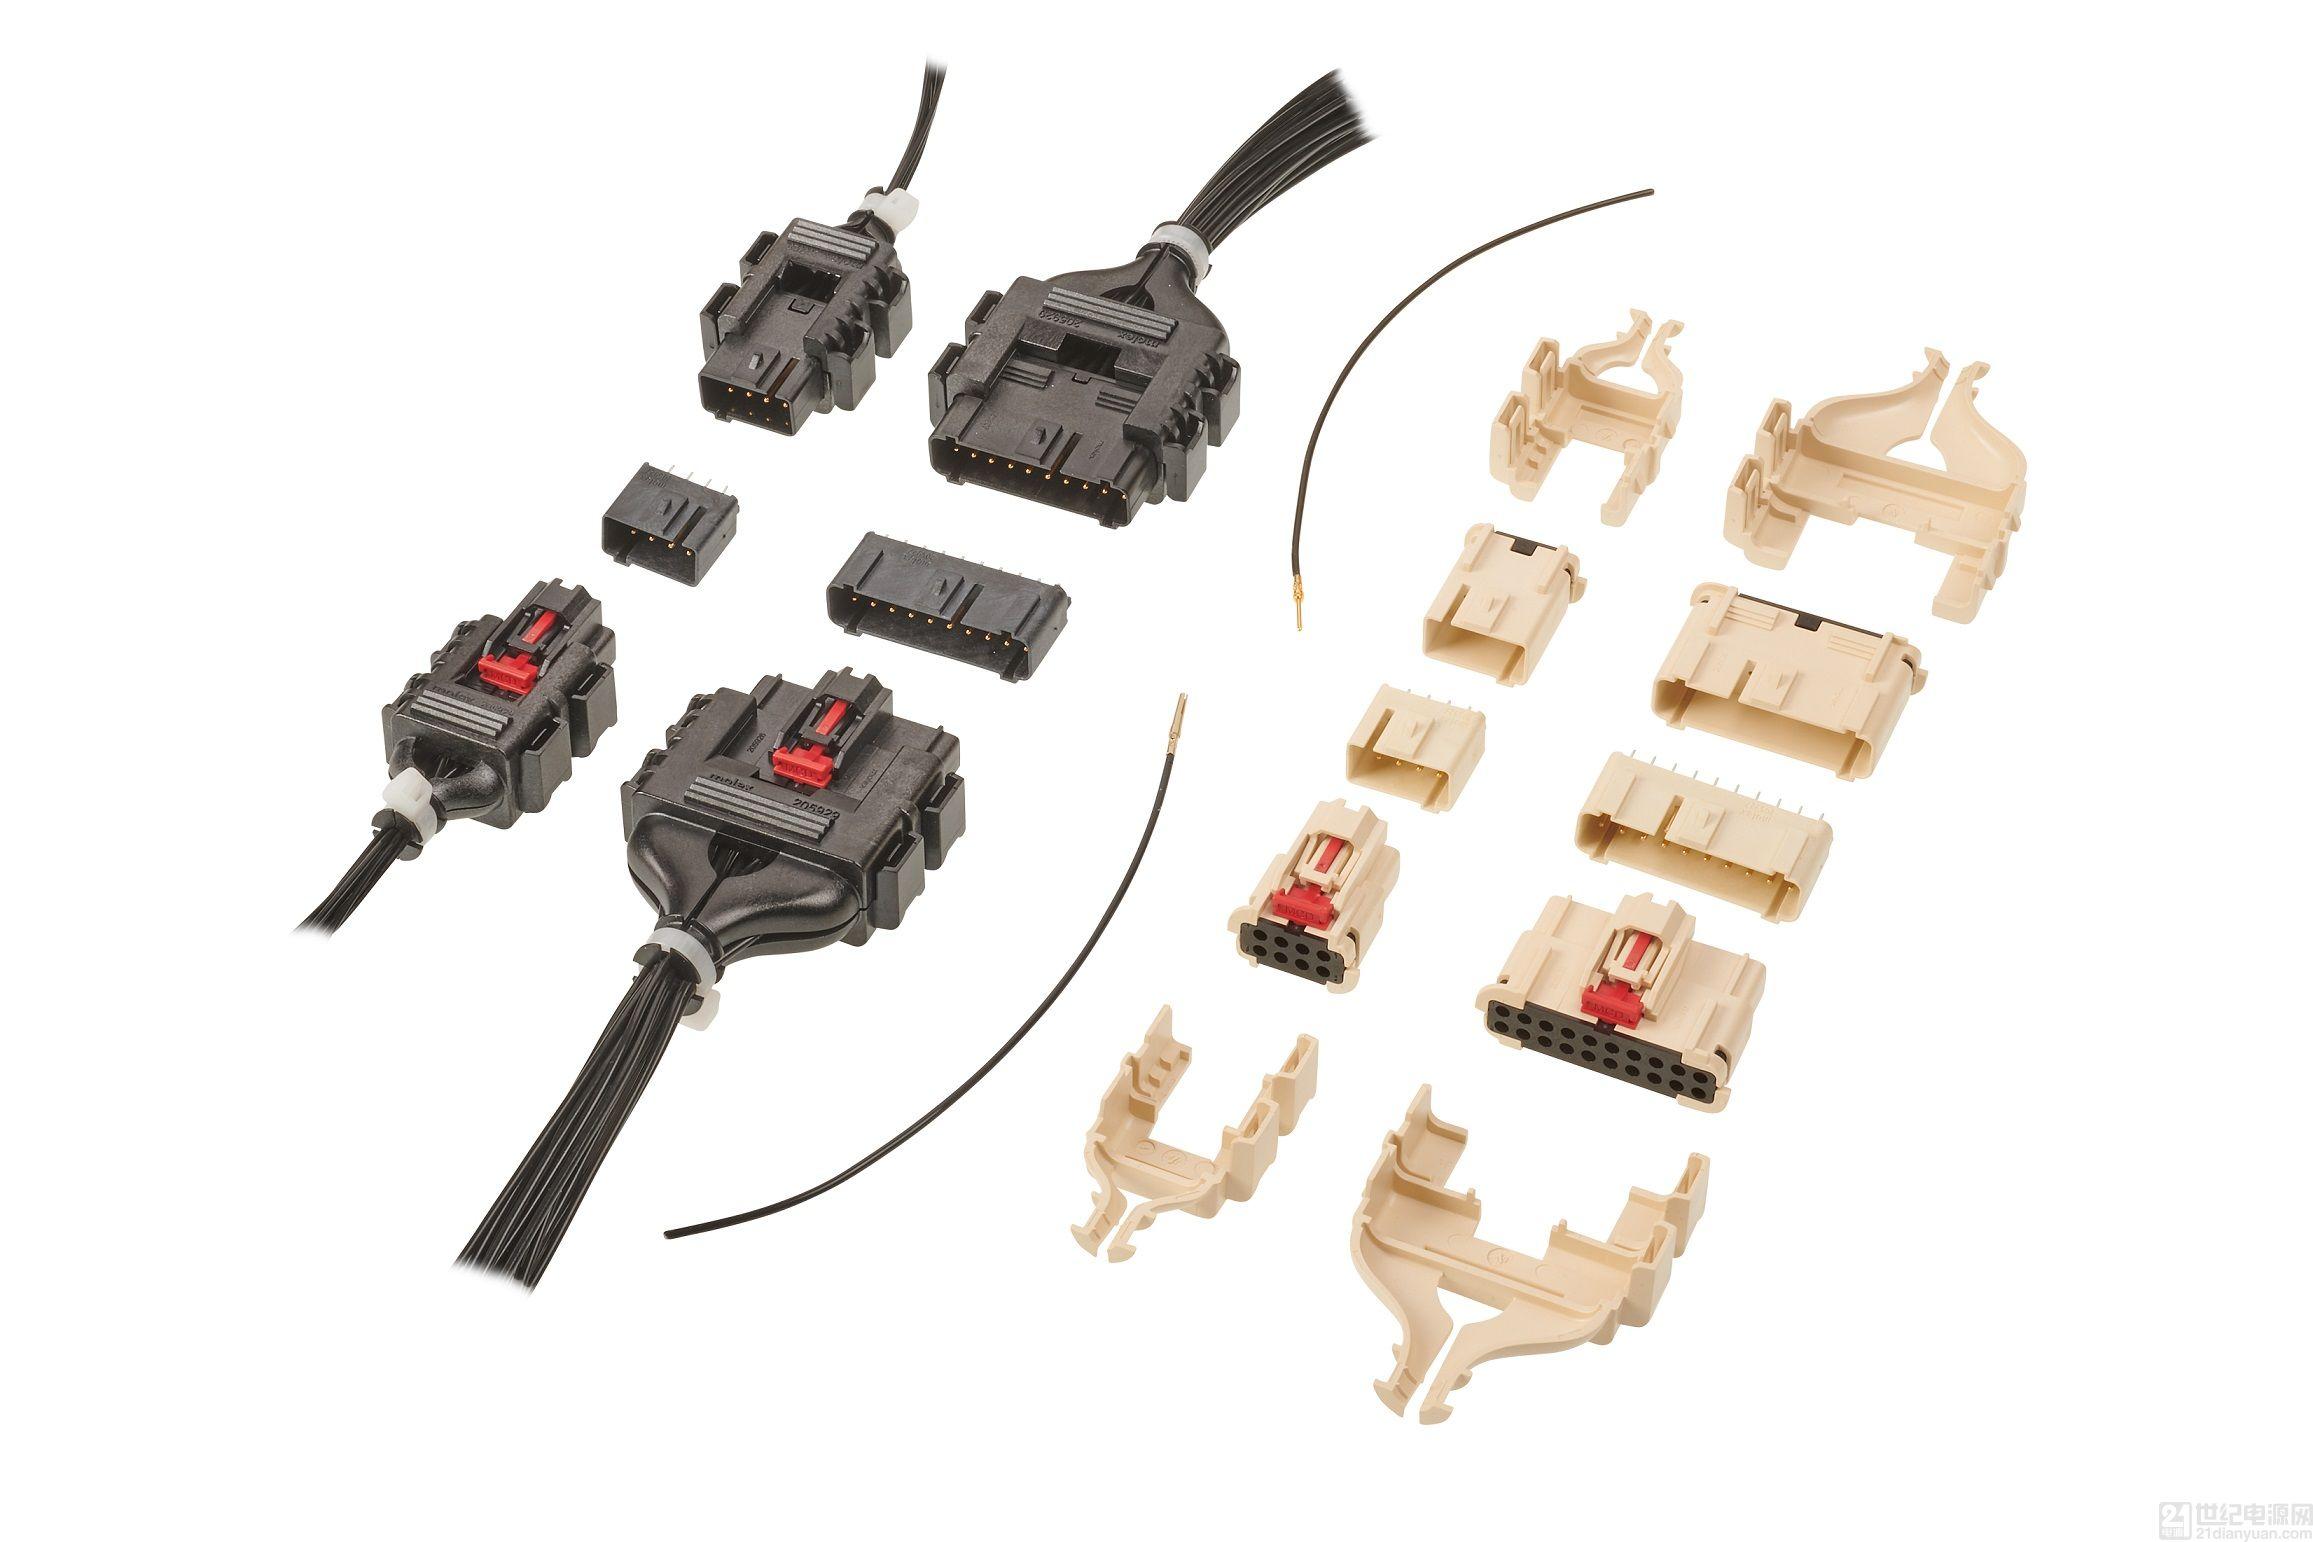 Molex MultiCat 电源连接器新增 8 电路和 20 电路的中功率版本